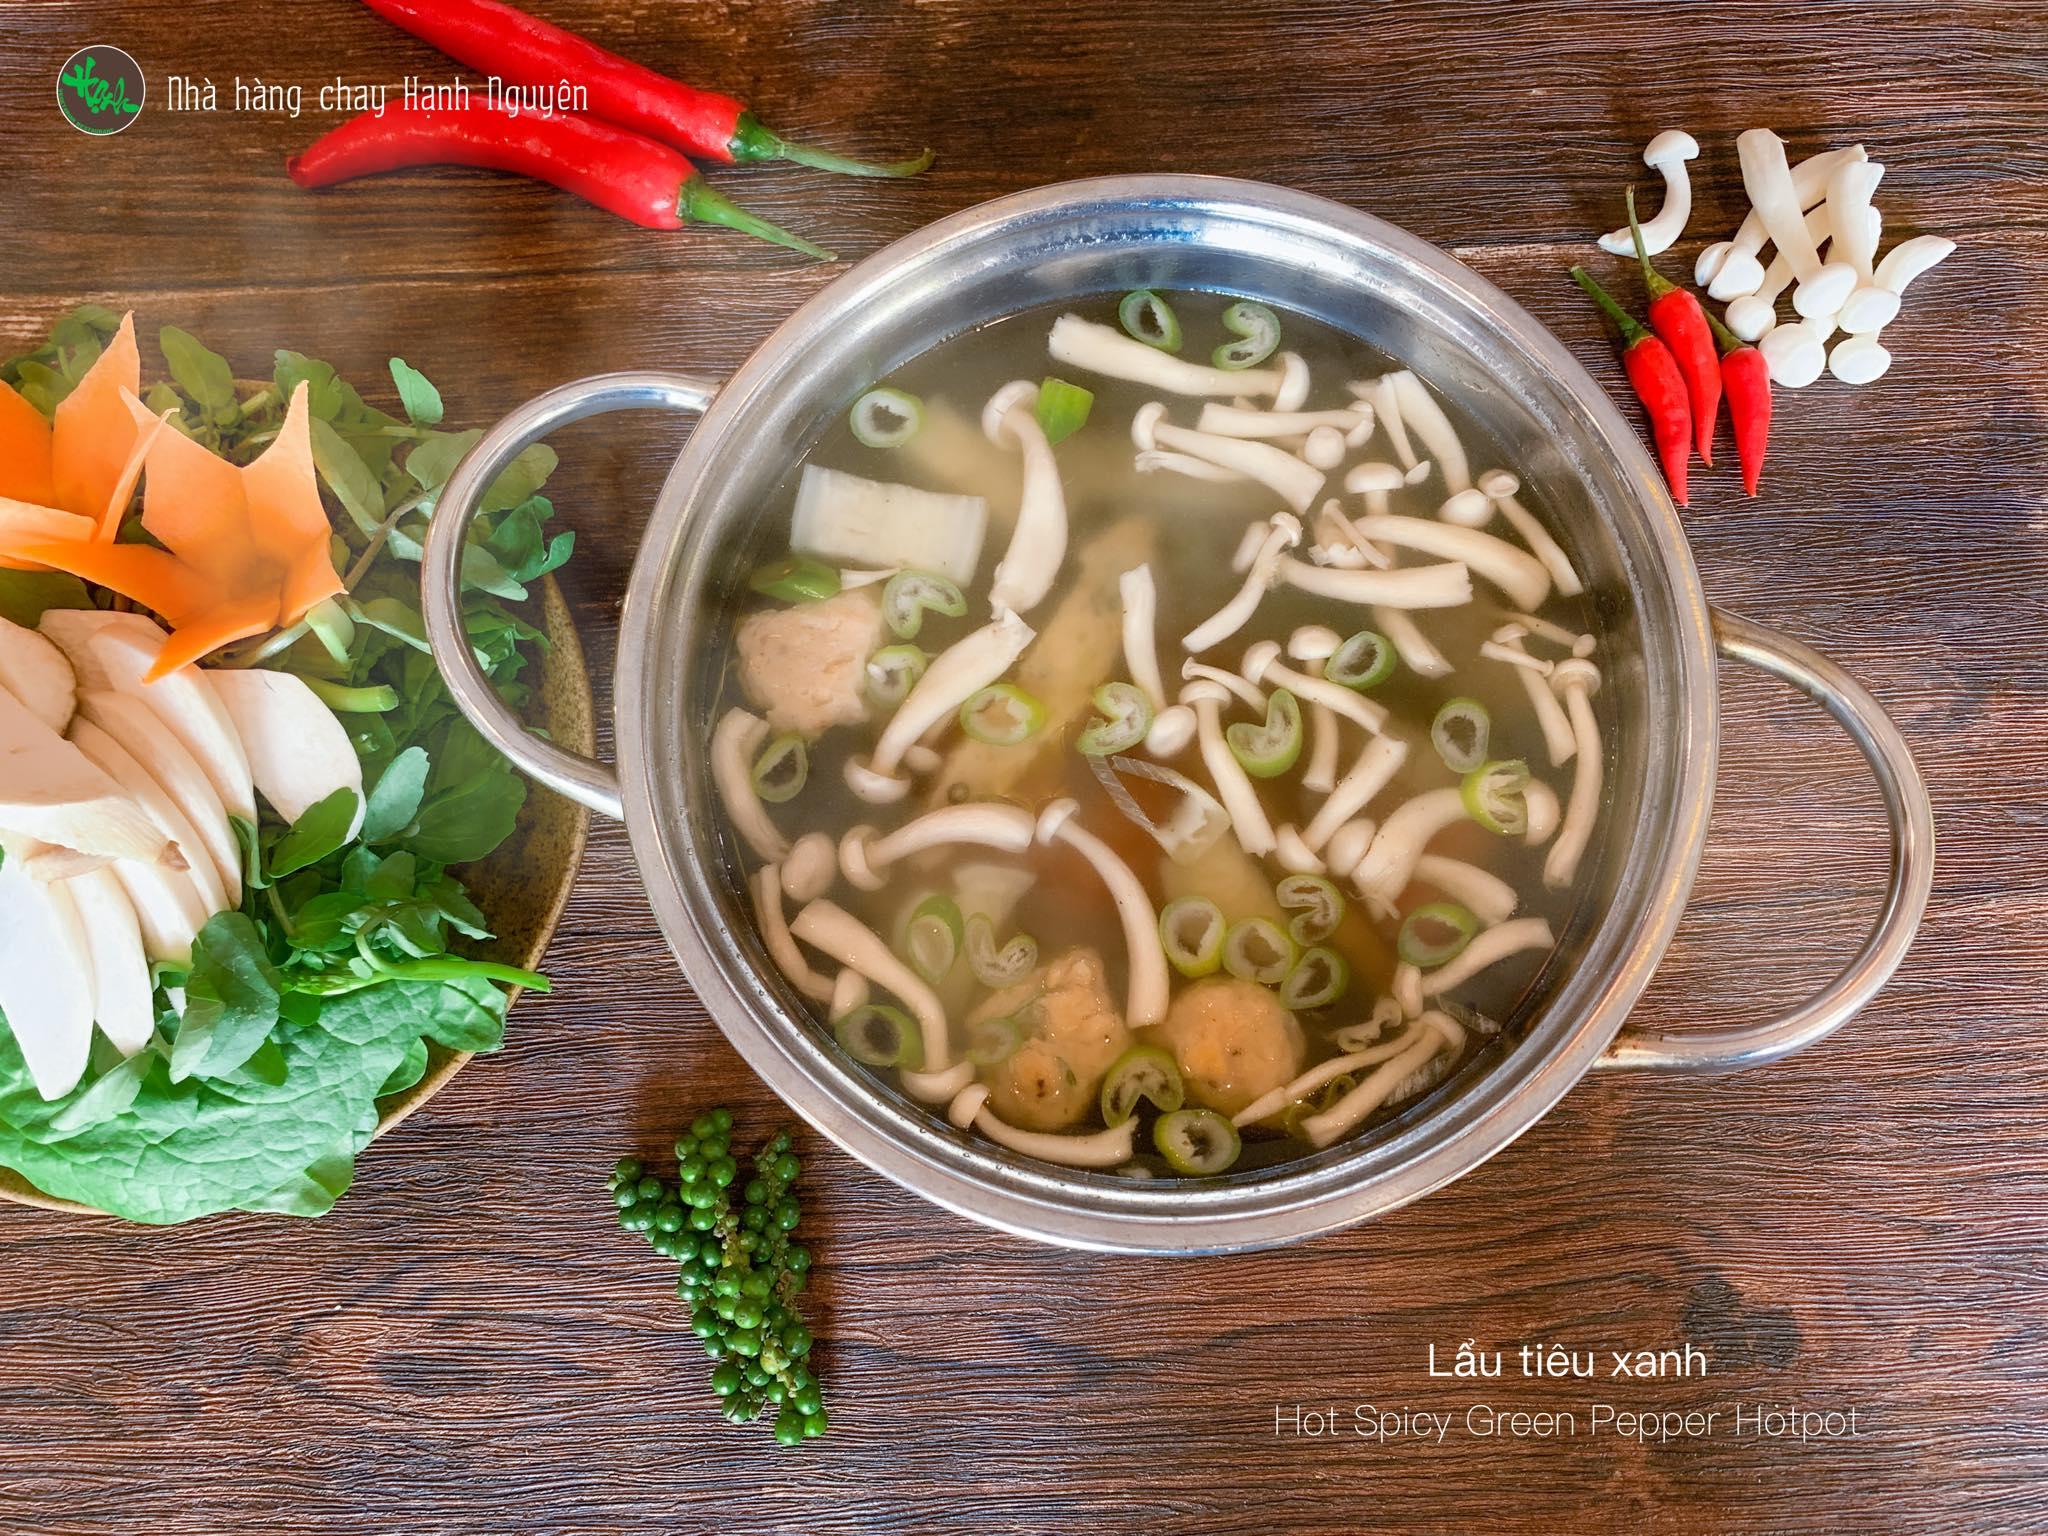 lau chay hanh nguyen